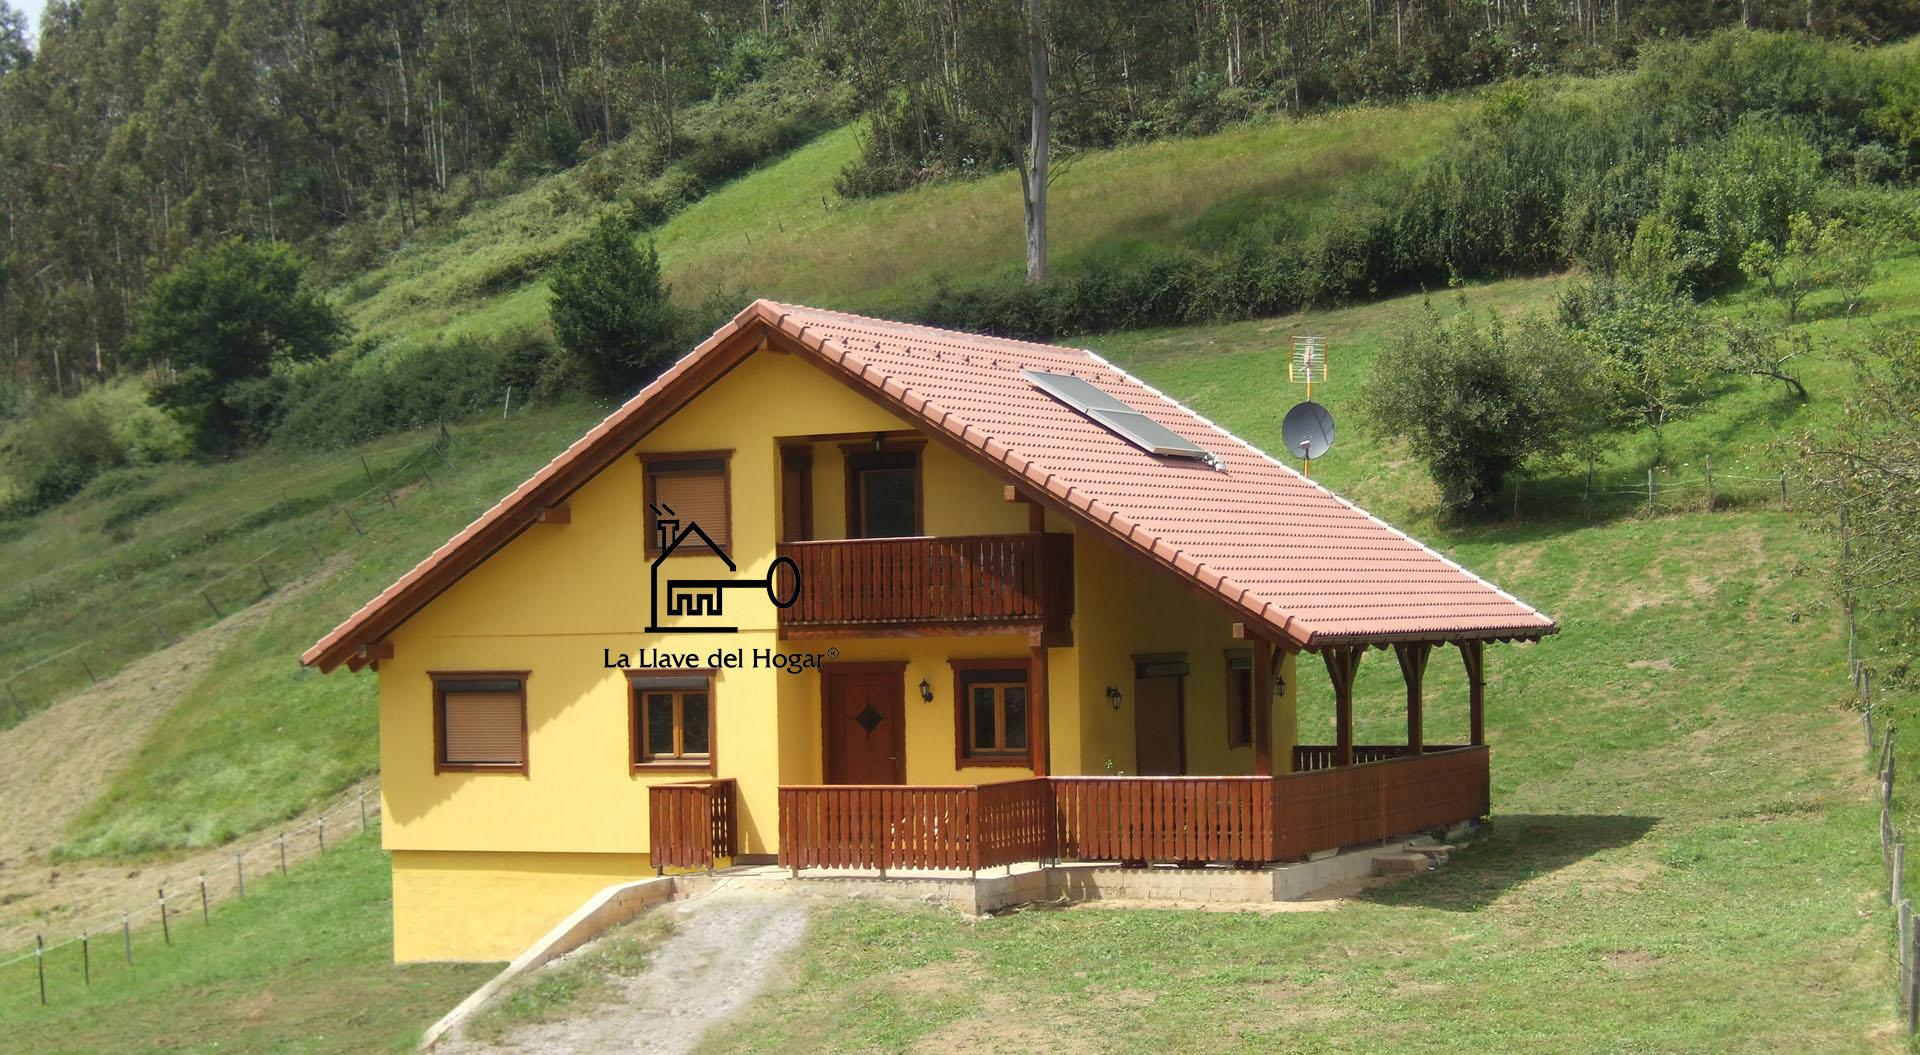 La llave del hogar casas de madera y entramado ligero for Casas modulares galicia